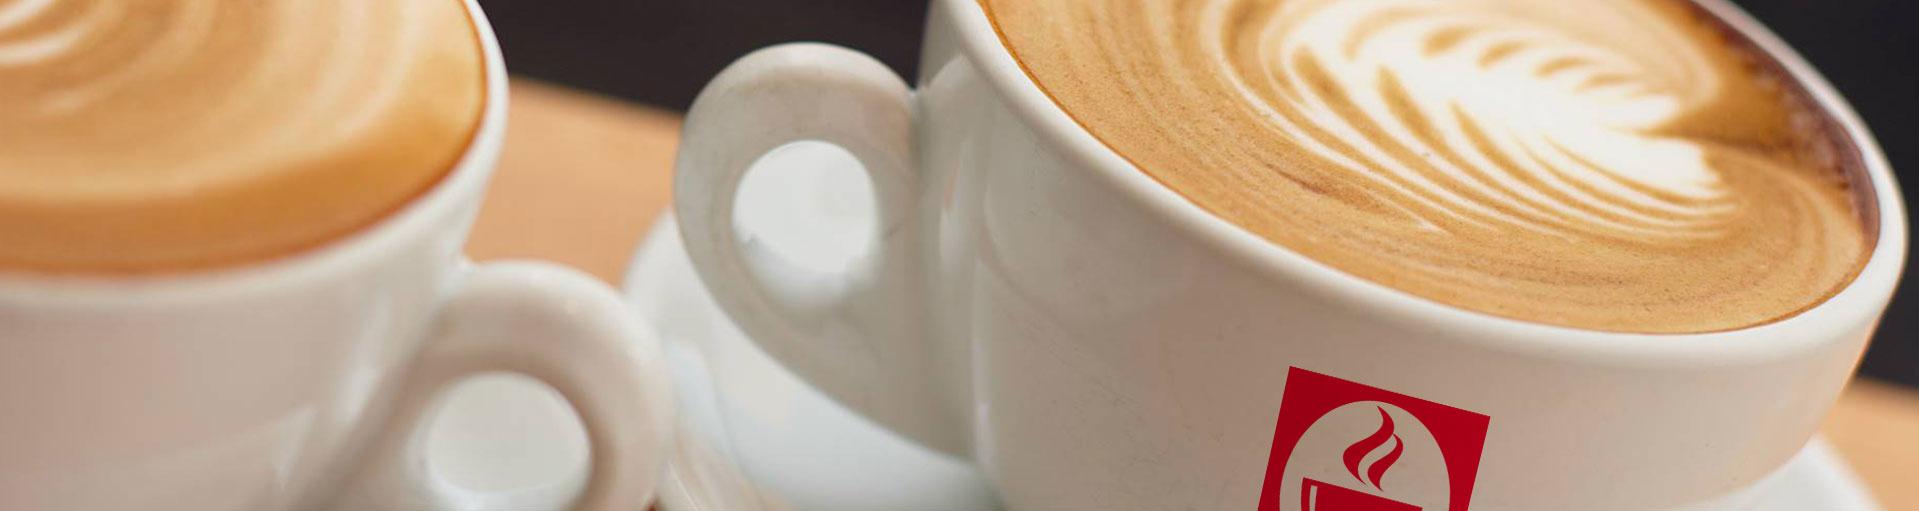 Délicieuses préparations de cafés italiens en capsules. Café au lait, Cortado, Cappuccino, chocolats, Mocaccino, latte, Ginseng, Orzo,